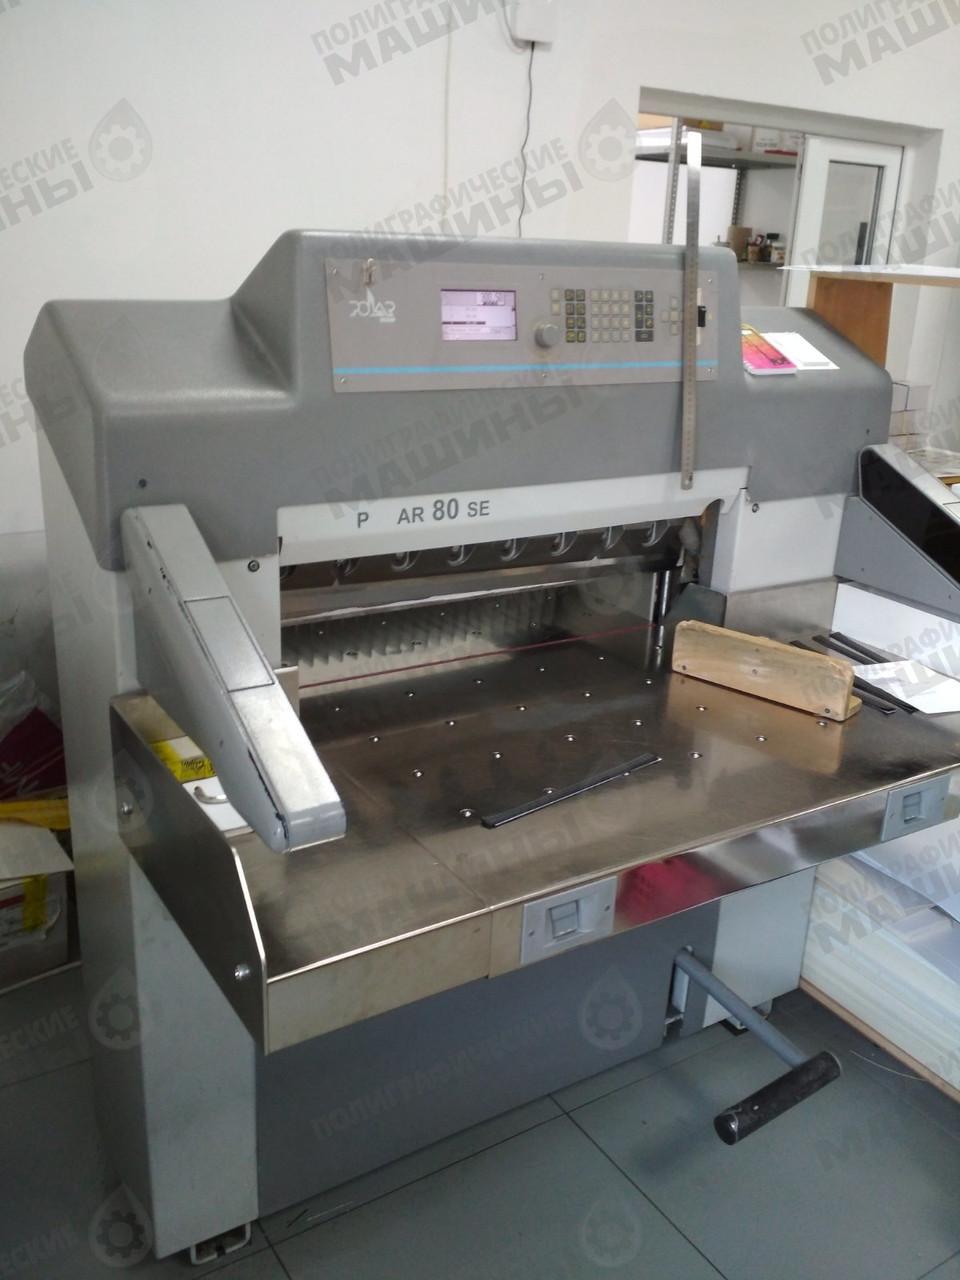 Резак POLAR 80SE, 2007г - компактный резак для цифровой типографии